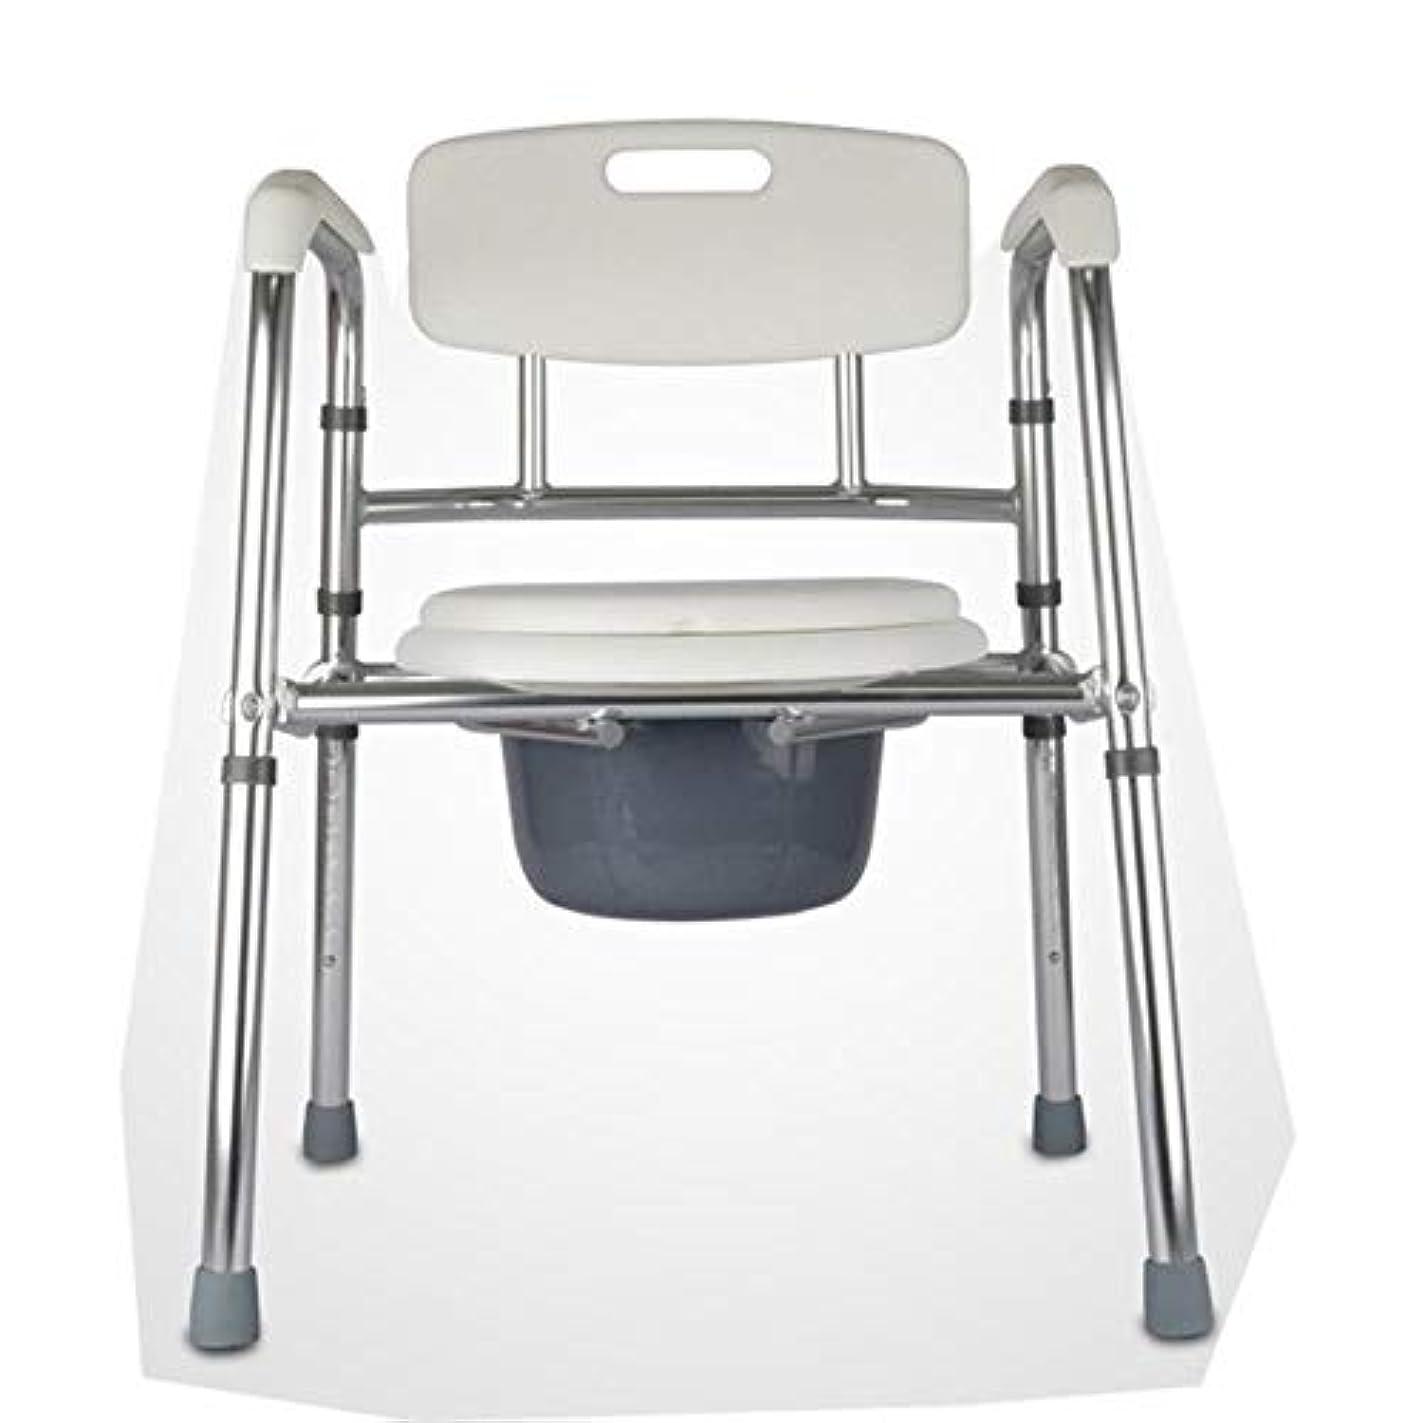 折りたたみ式mode椅子とトイレサラウンド、軽量、丈夫、シンプル、高齢者、障害者、祖父母向けのバスルームサポート